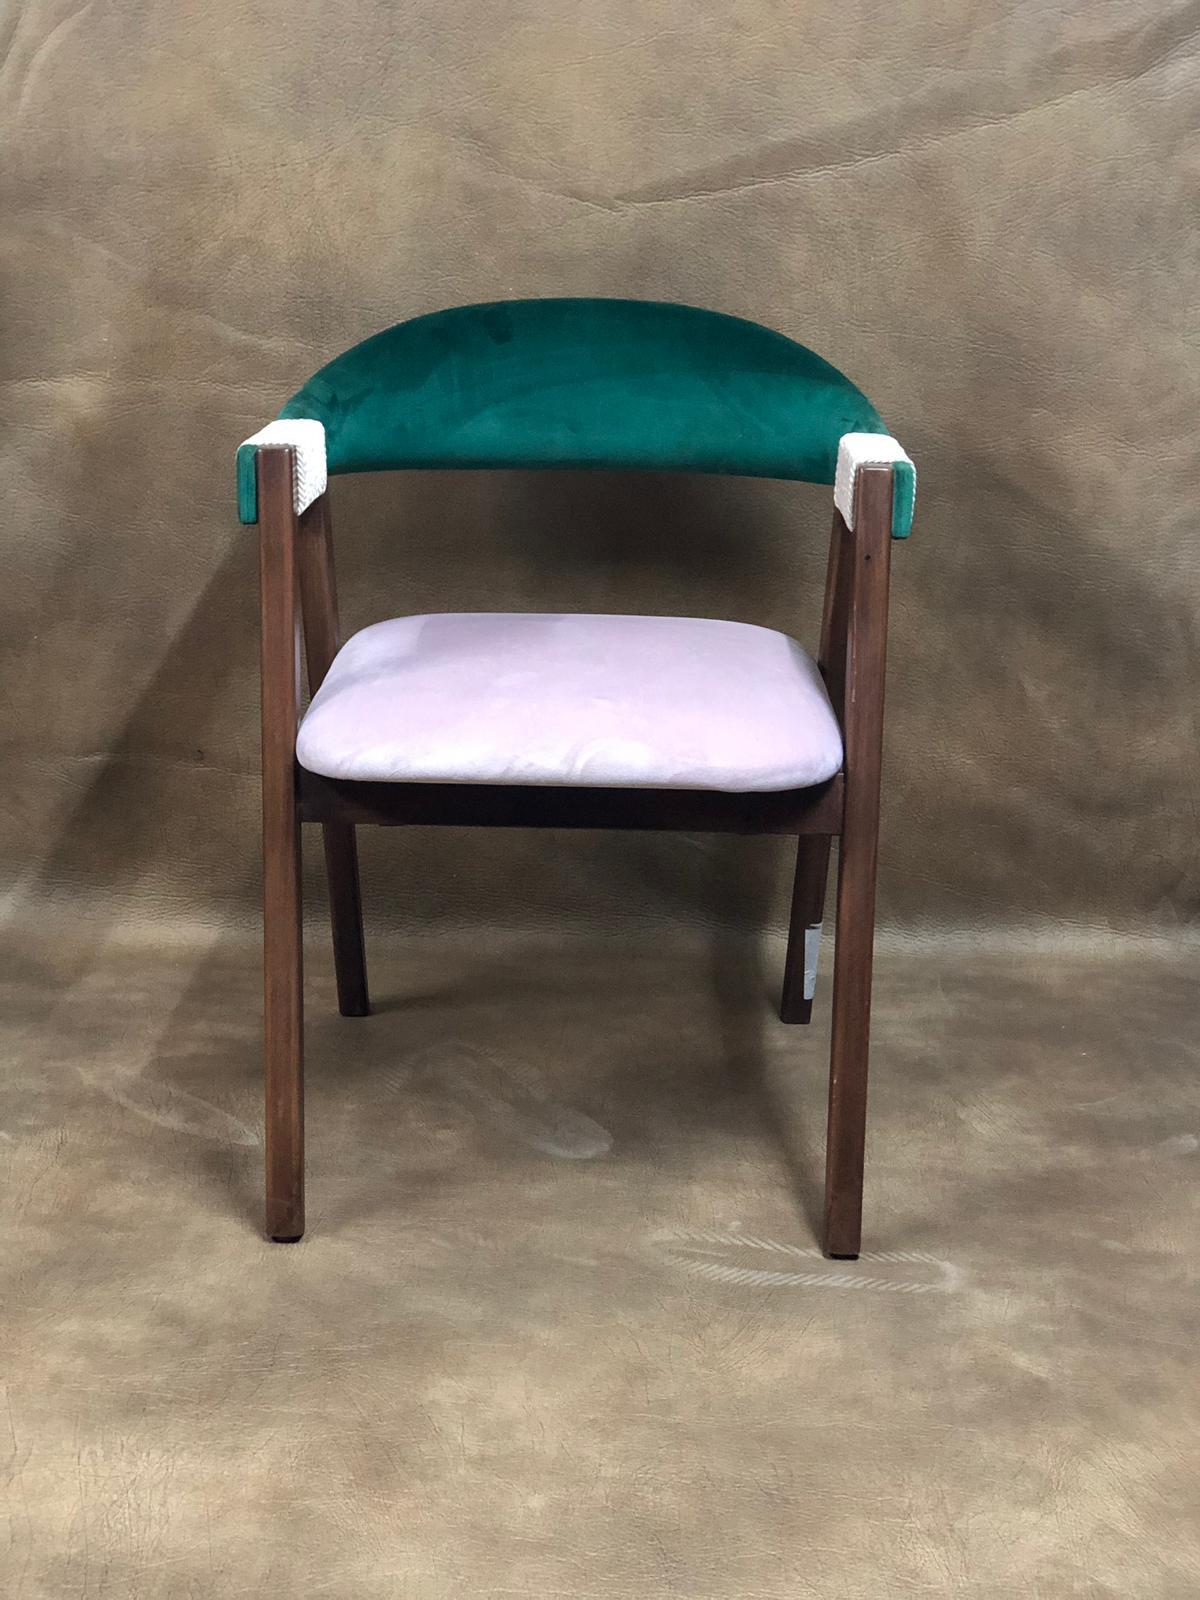 Mekanlarınıza özel istediğiniz ölçü ve renklerde Cafe koltuk modellerini titizlikle üretmekteyiz.